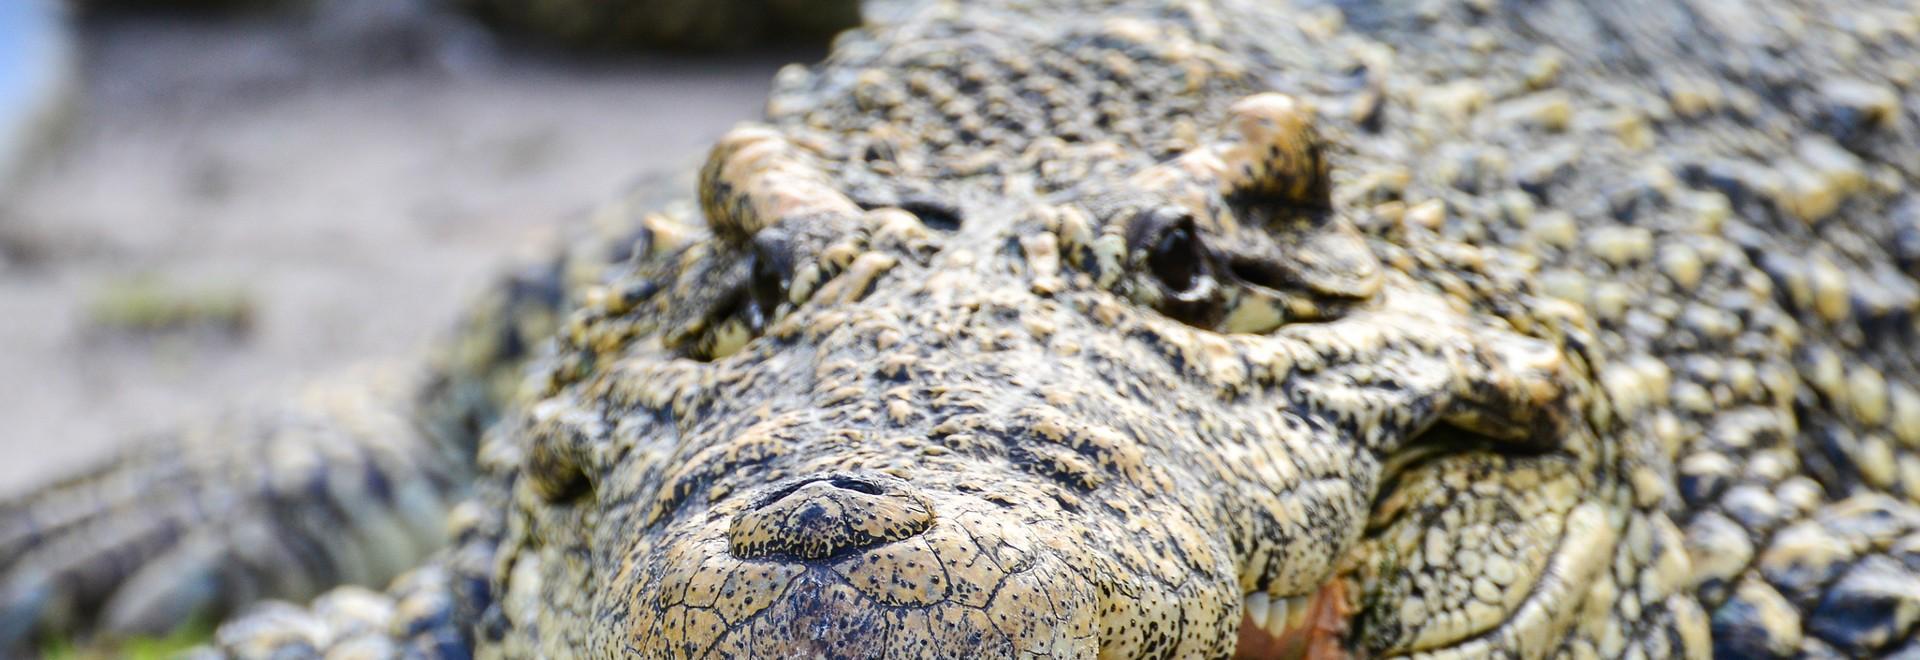 Nella tana del coccodrillo